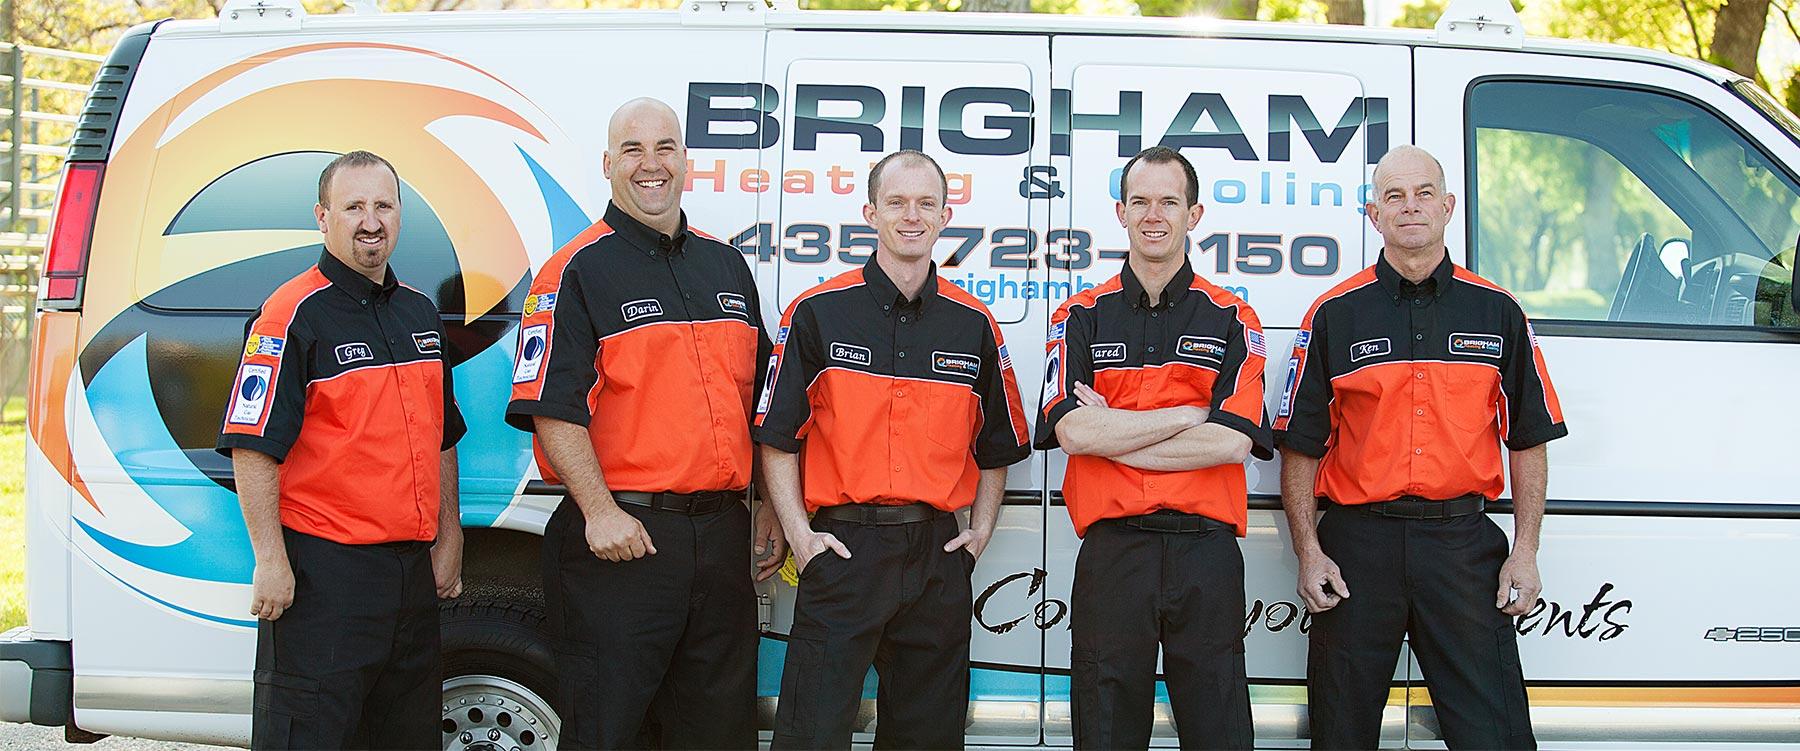 brigham-crew